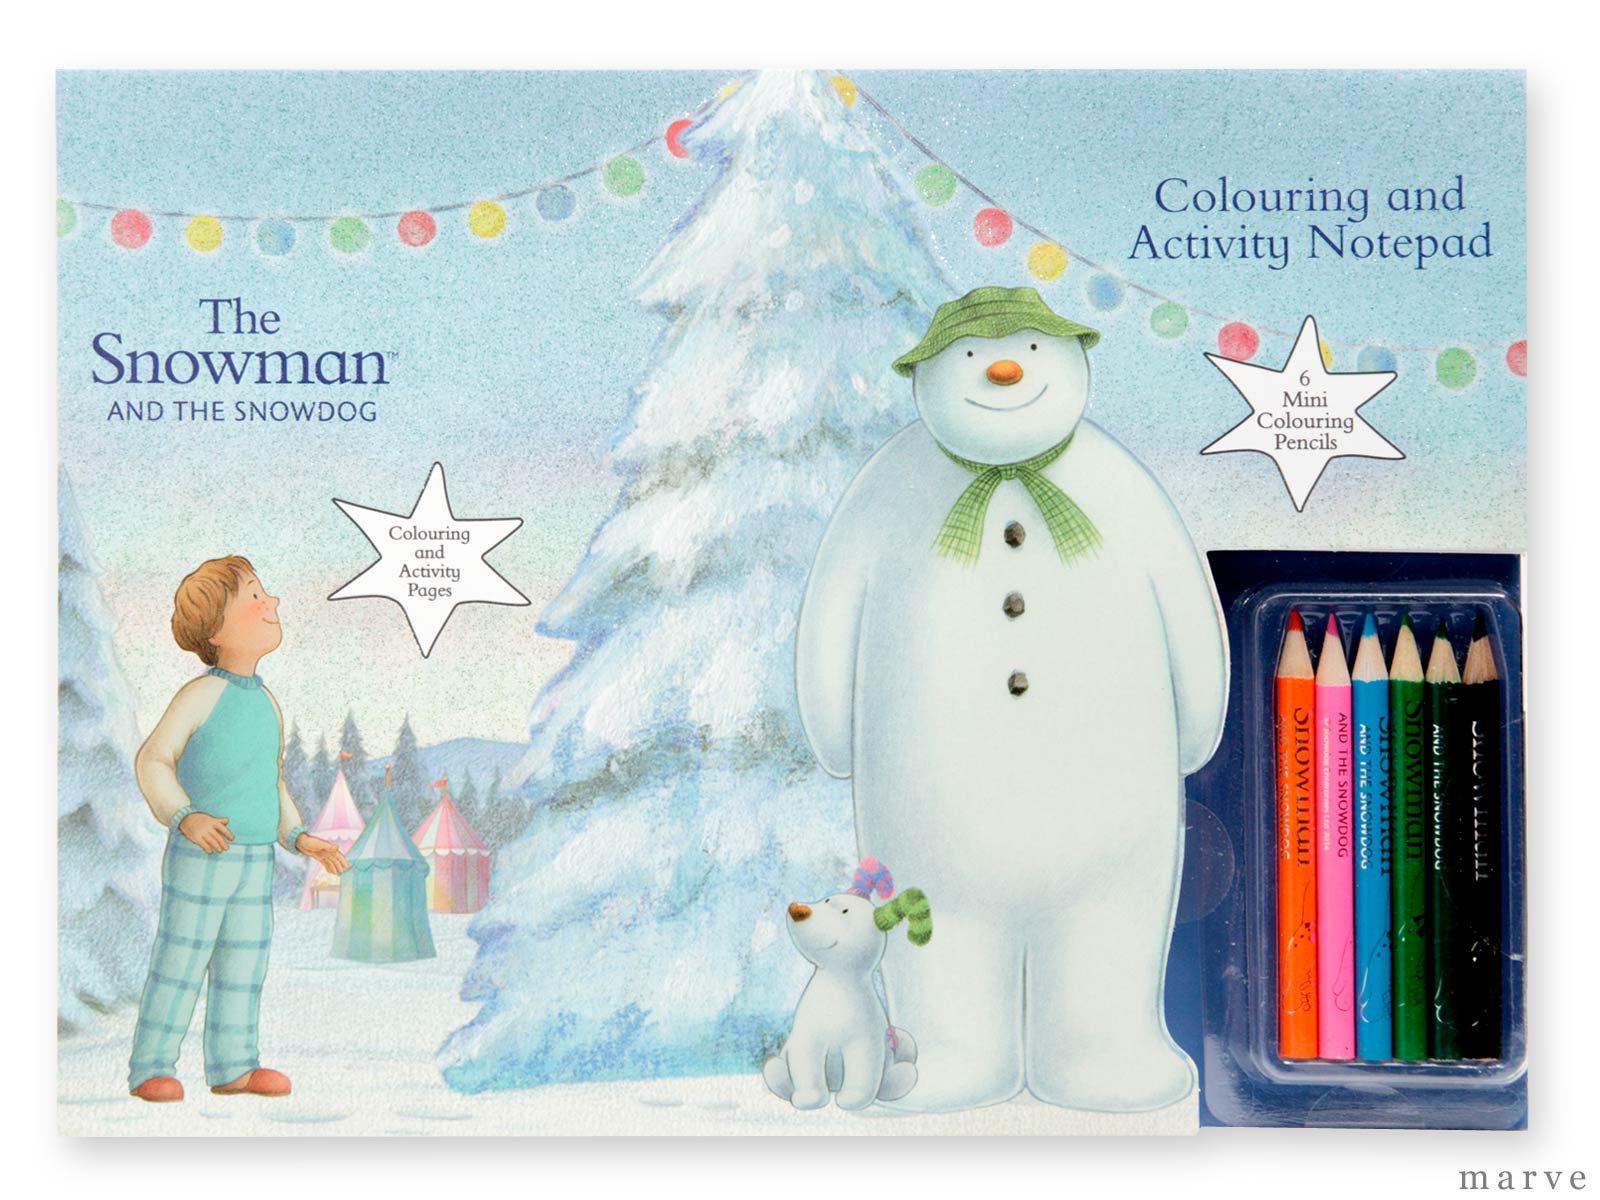 The Snowman スノーマン ぬりえとゲームセット